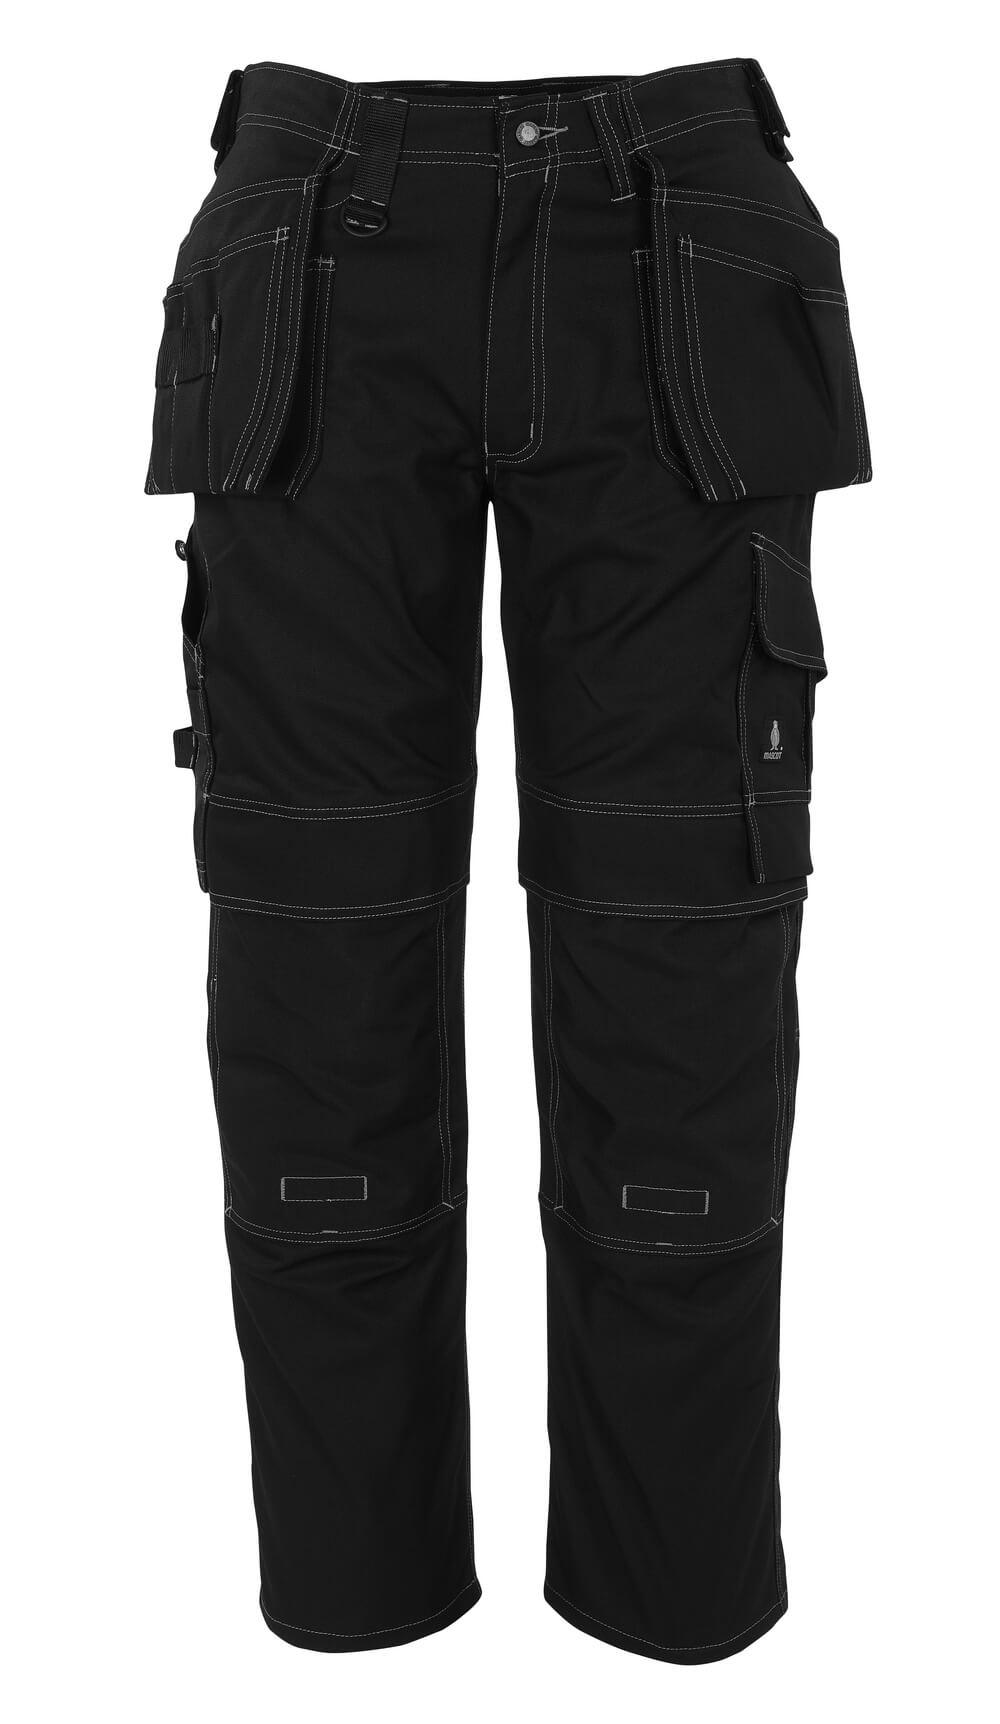 08131-010-09 Spodnie z kieszeniami na kolanach i kieszeniami wiszącymi - czerń